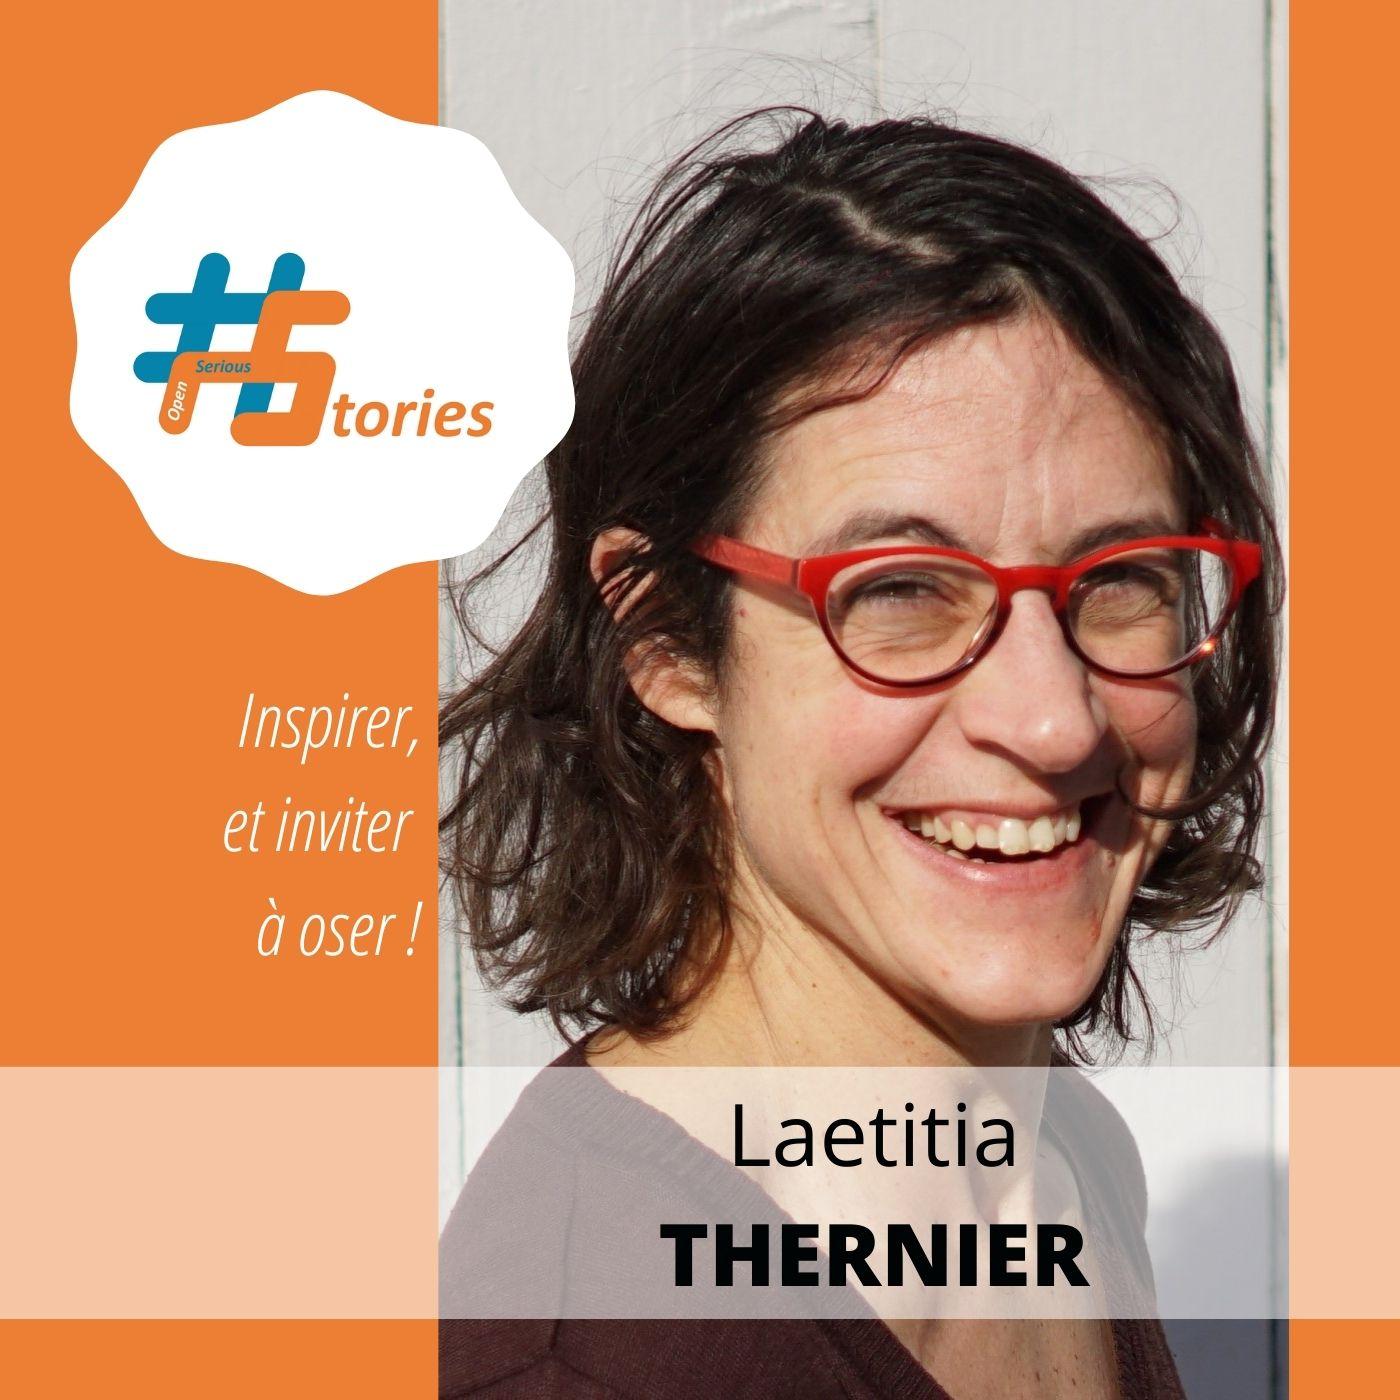 Le retour d'expérience d'une créatrice : Laetitia Thernier [Podcast – 12min]